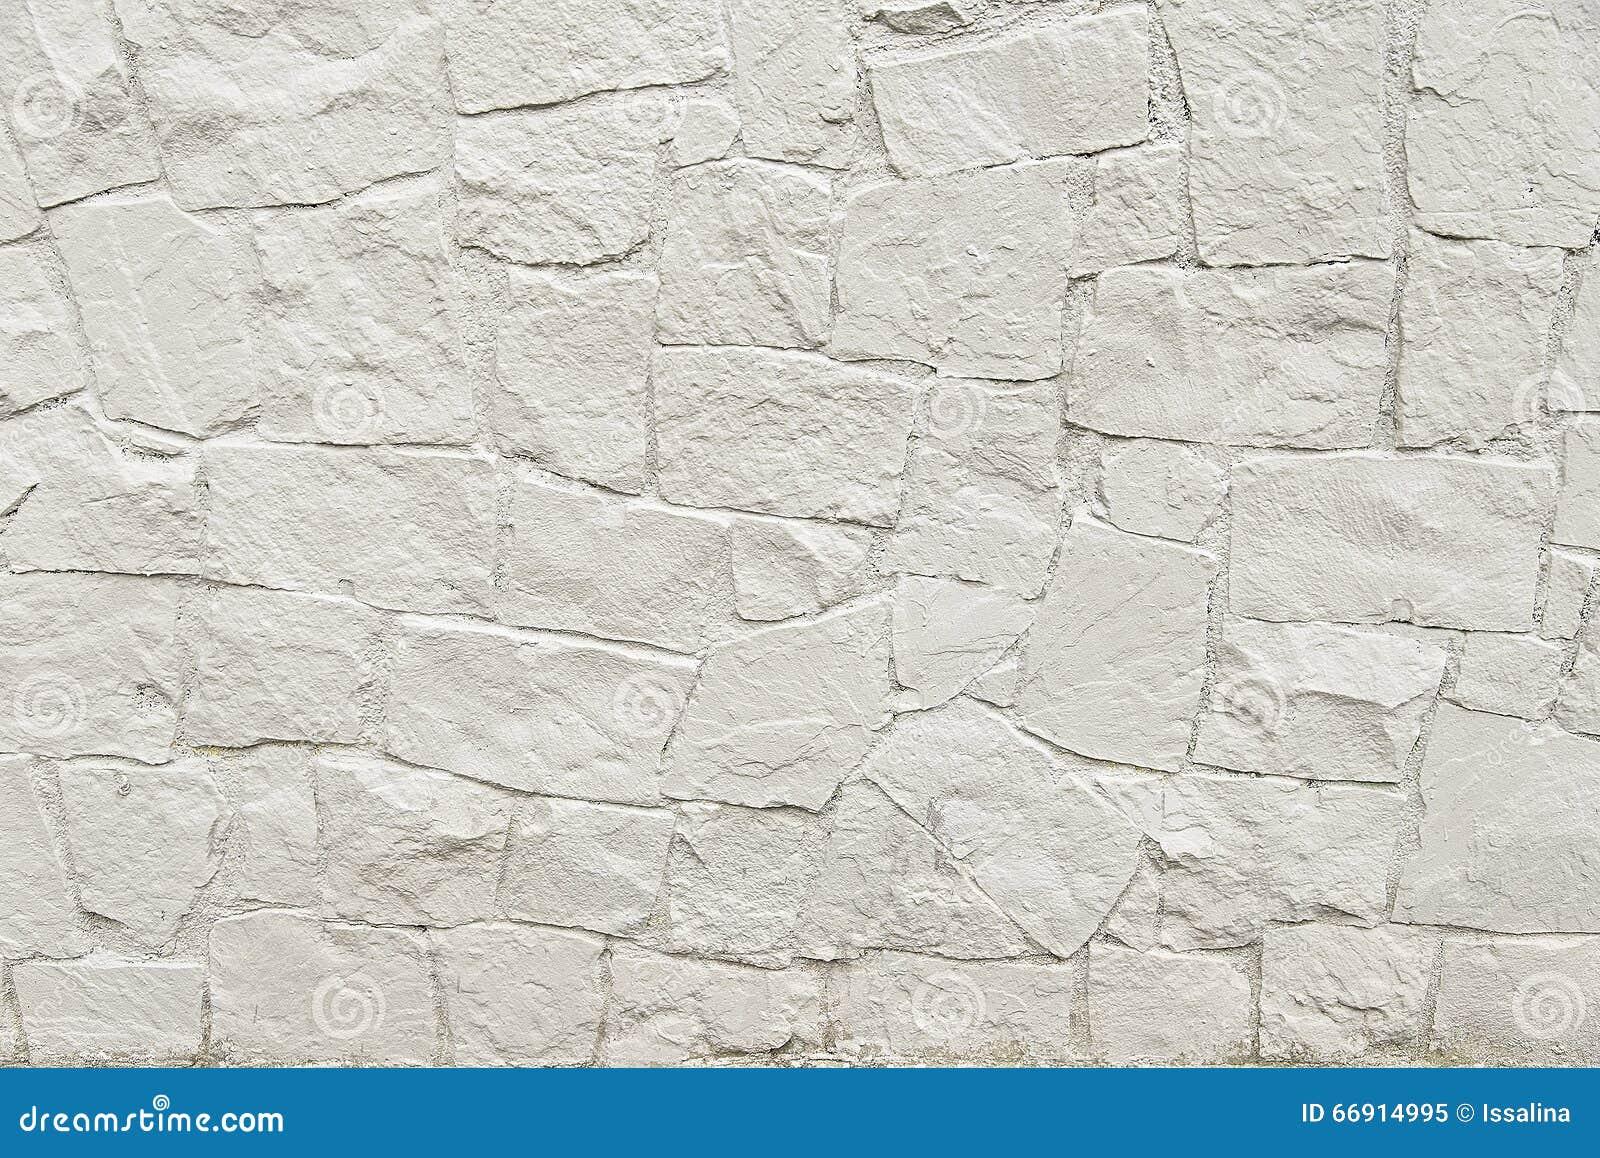 texture en pierre blanche de fond de mur de mosa que photo stock image 66914995. Black Bedroom Furniture Sets. Home Design Ideas